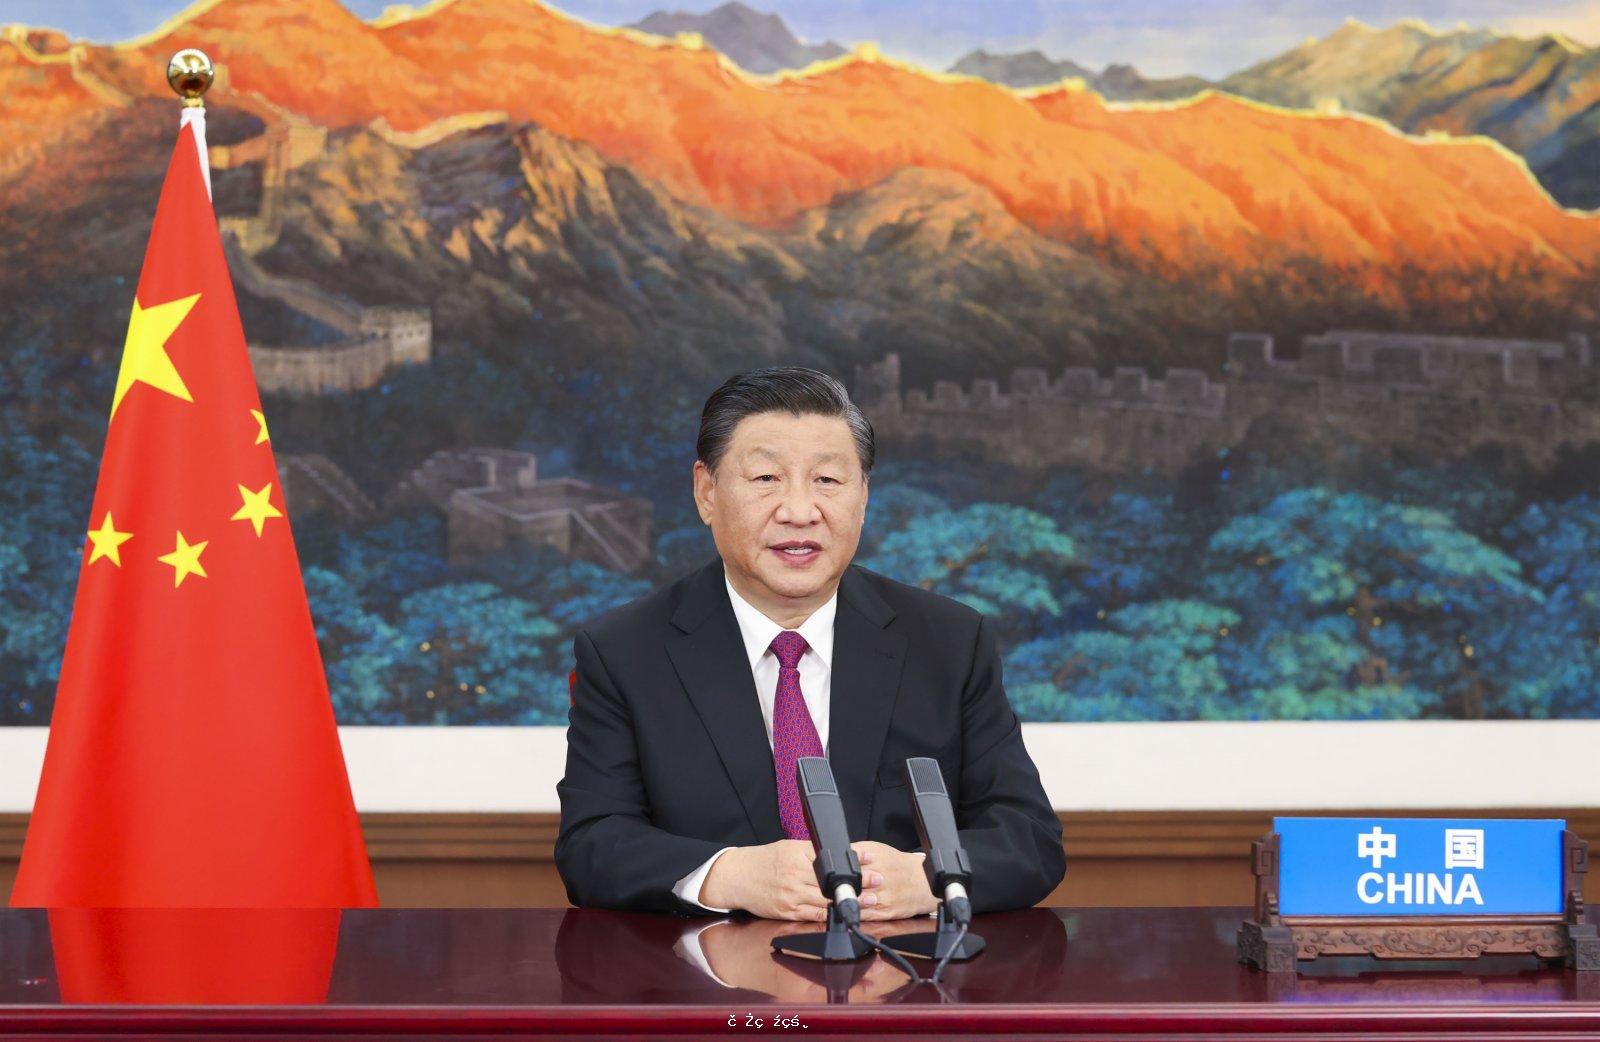 習近平出席第六屆東方經濟論壇全會開幕式並致辭